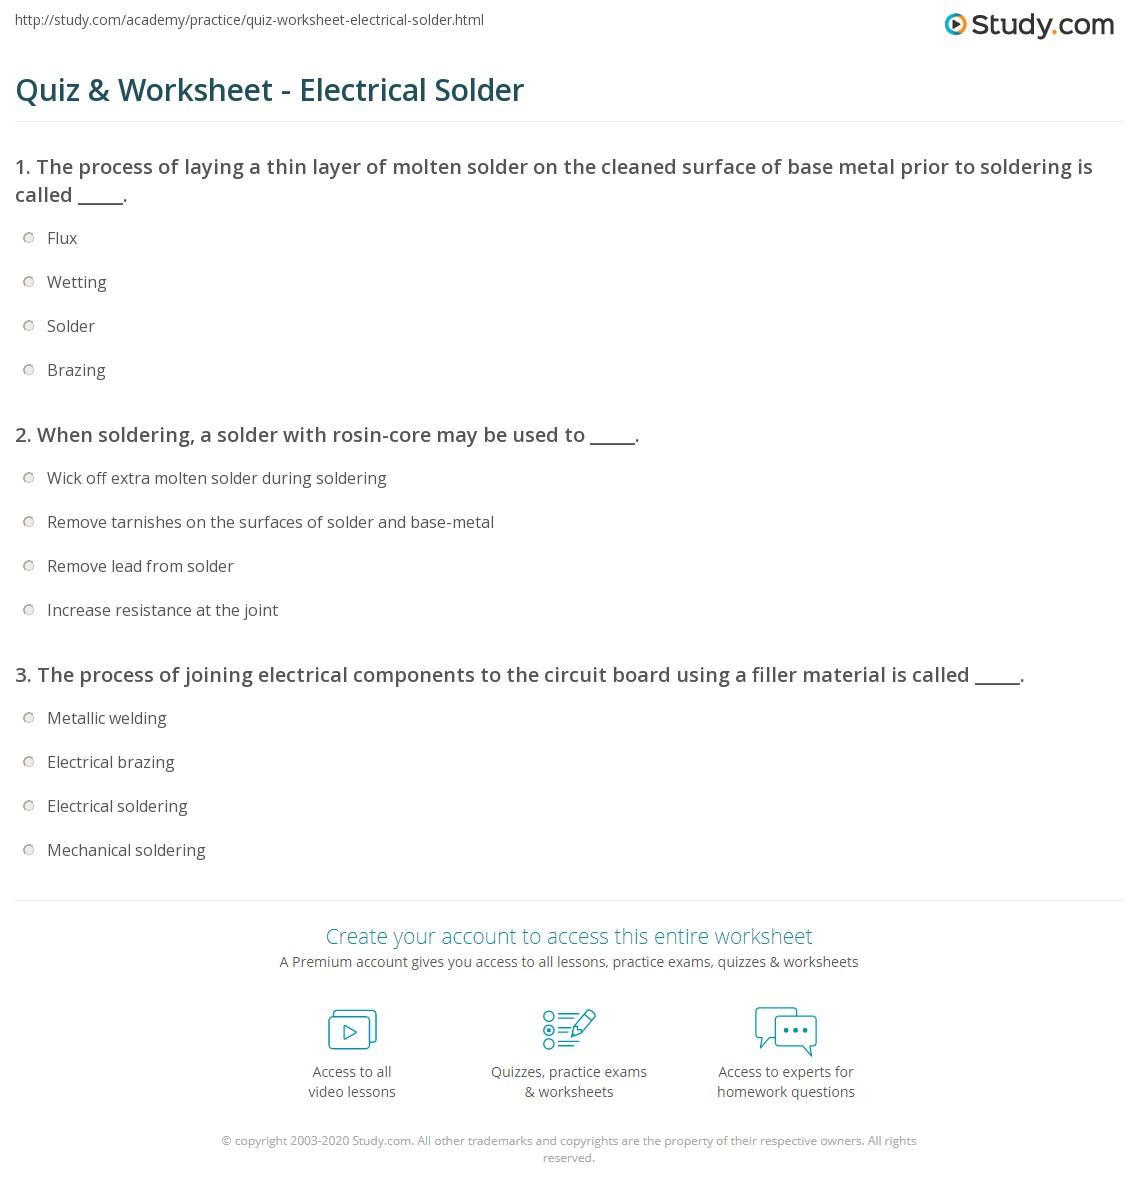 Quiz & Worksheet - Electrical Solder | Study.com